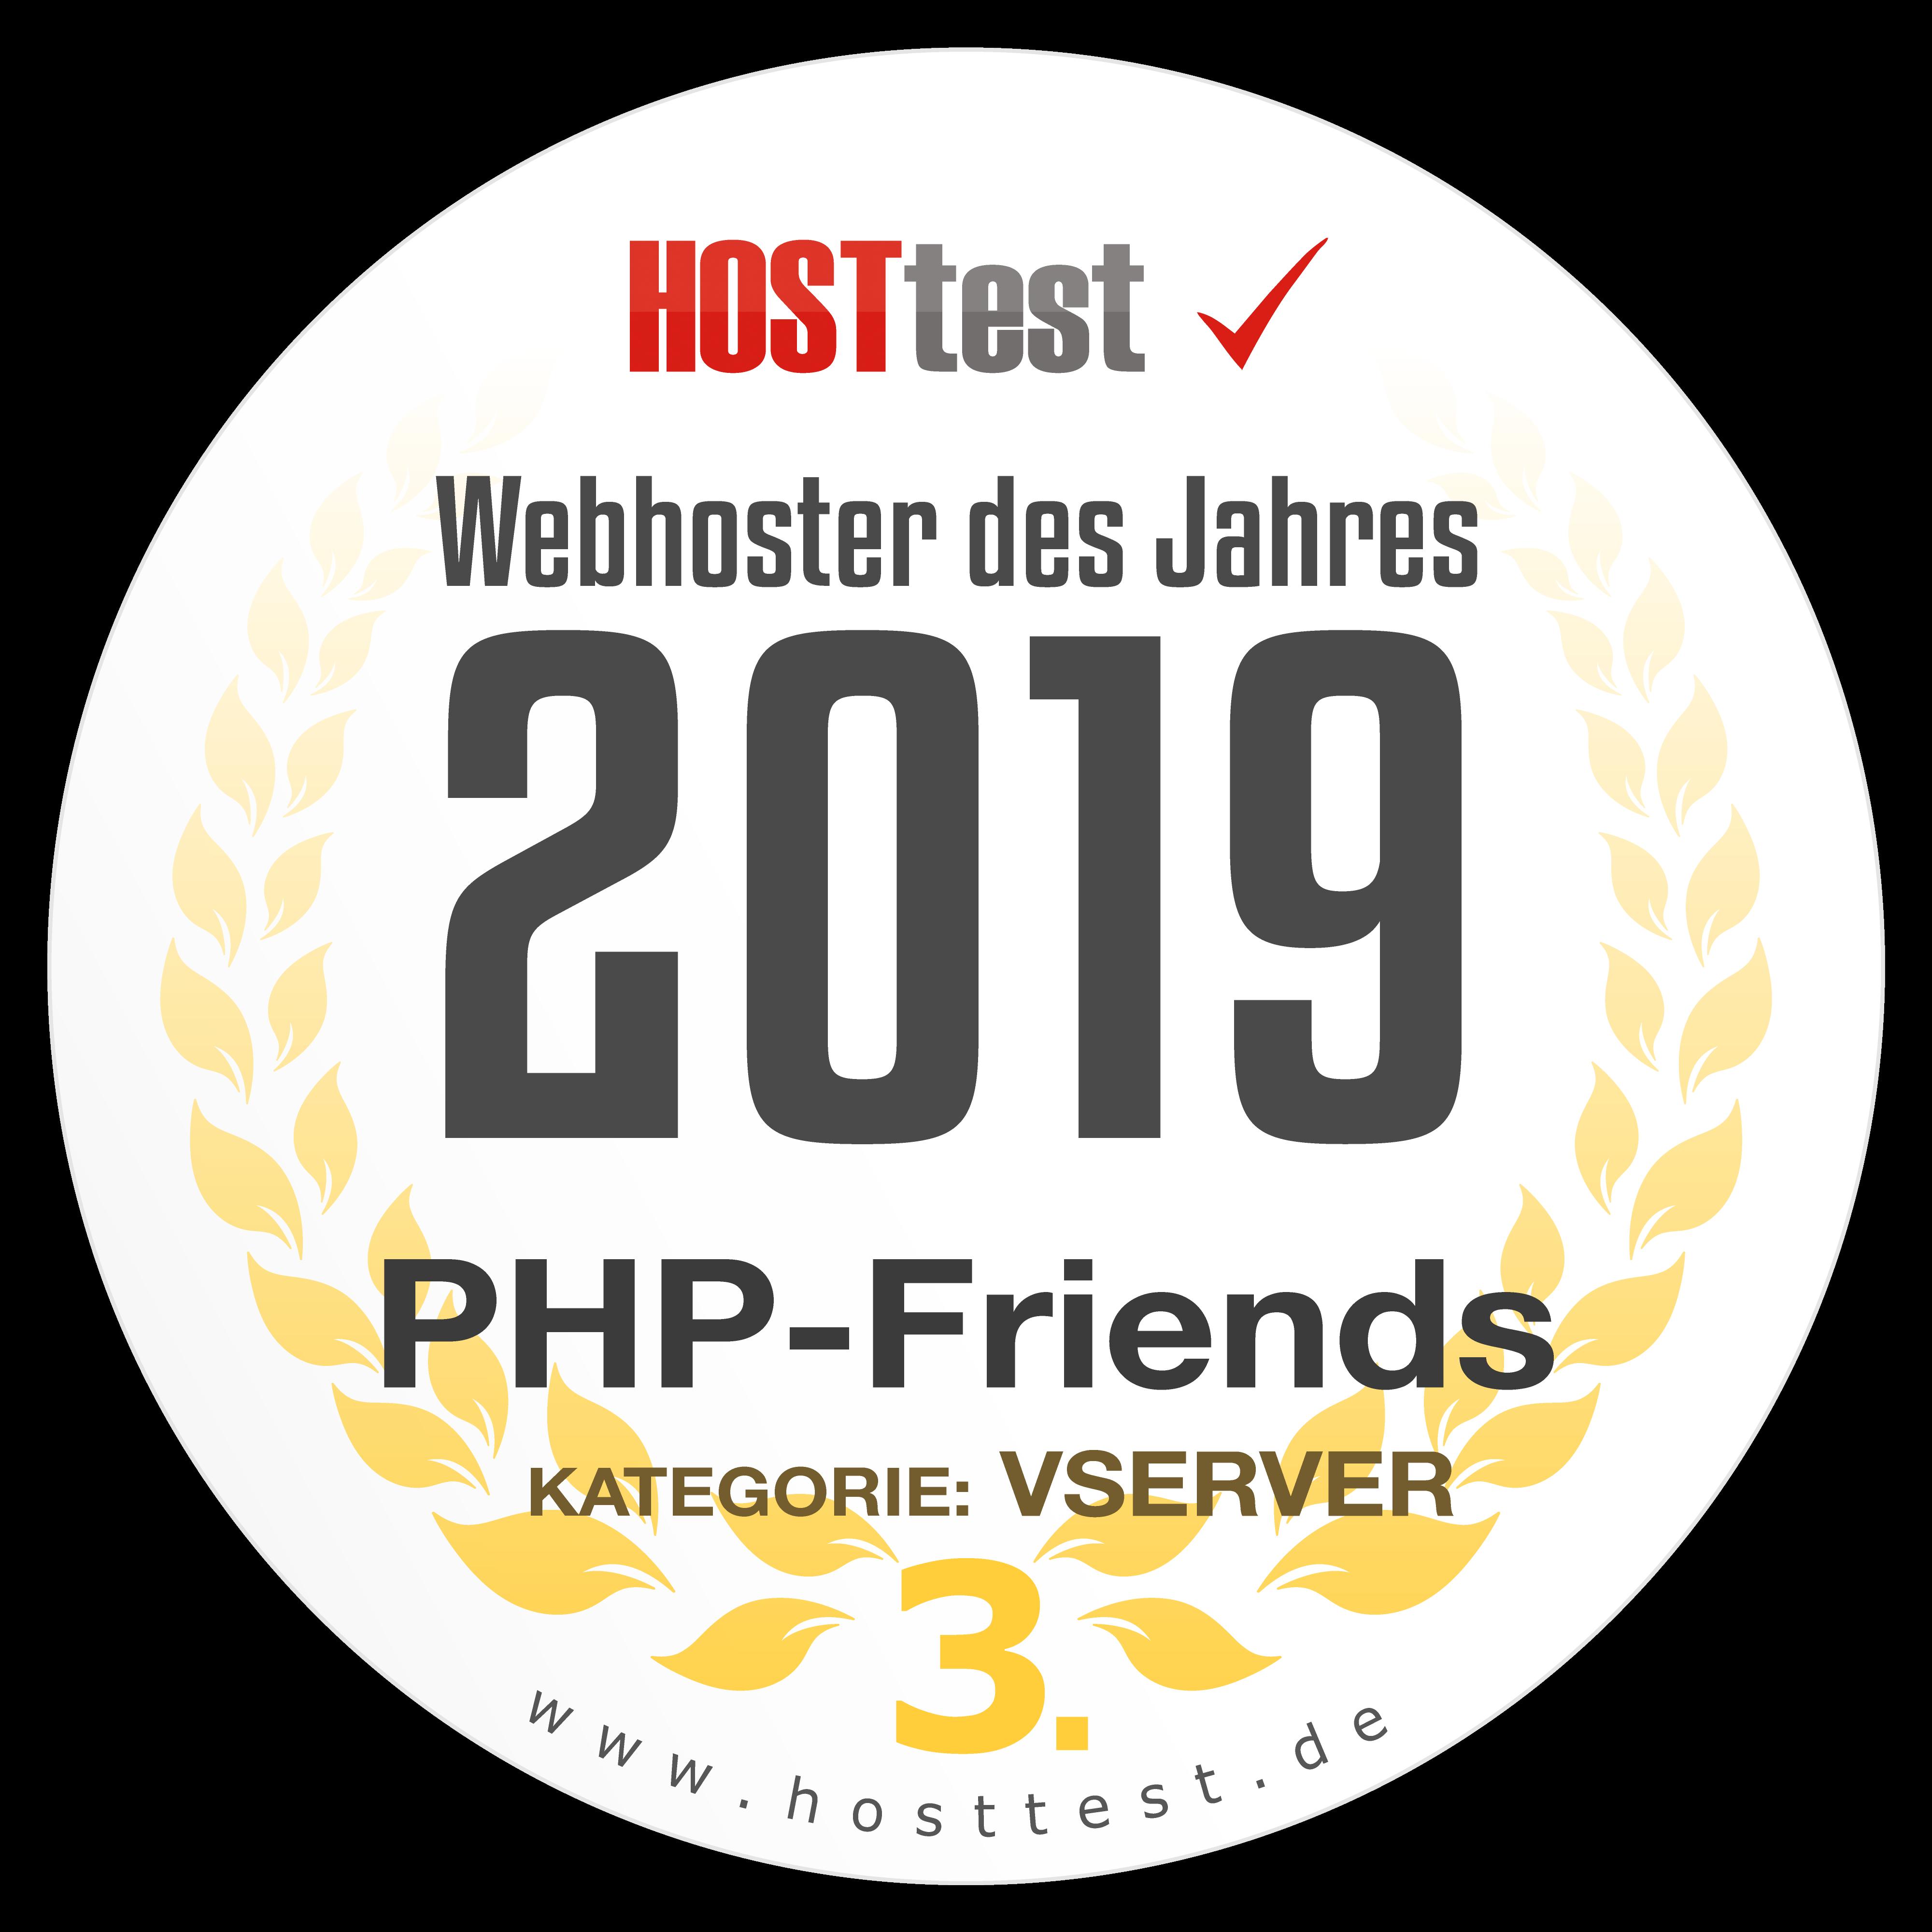 webhoster-des-jahres-2019